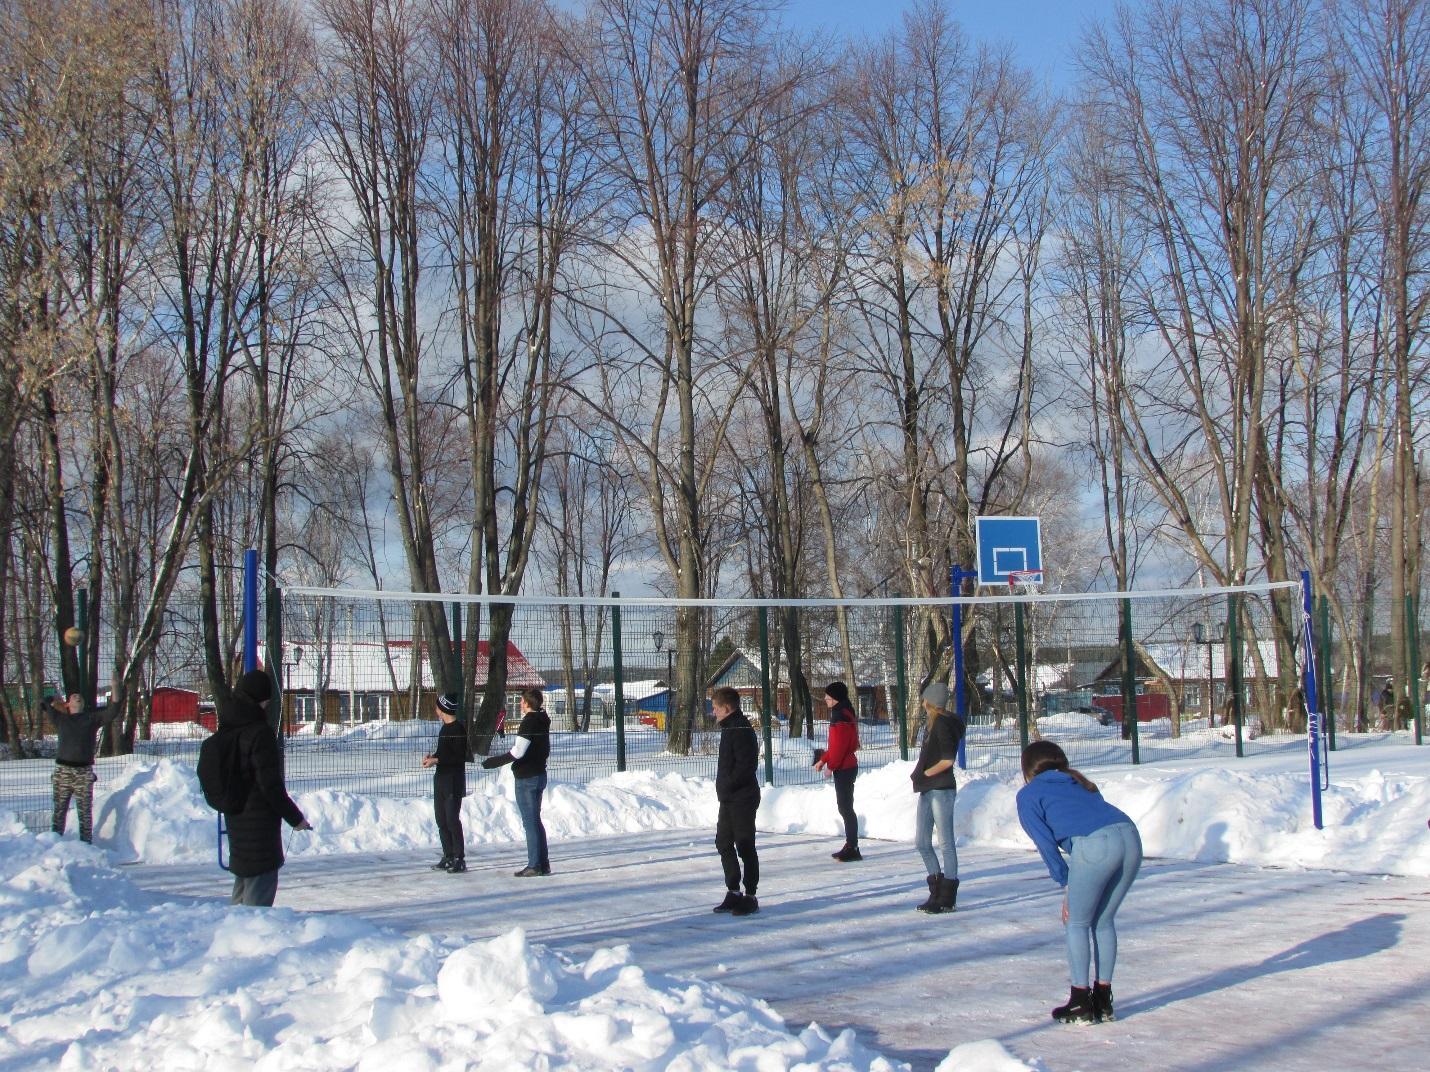 C:\Users\пу16\Desktop\2019-2020 учебный год\Фото\Волейбол на снегу\IMG_6621.JPG